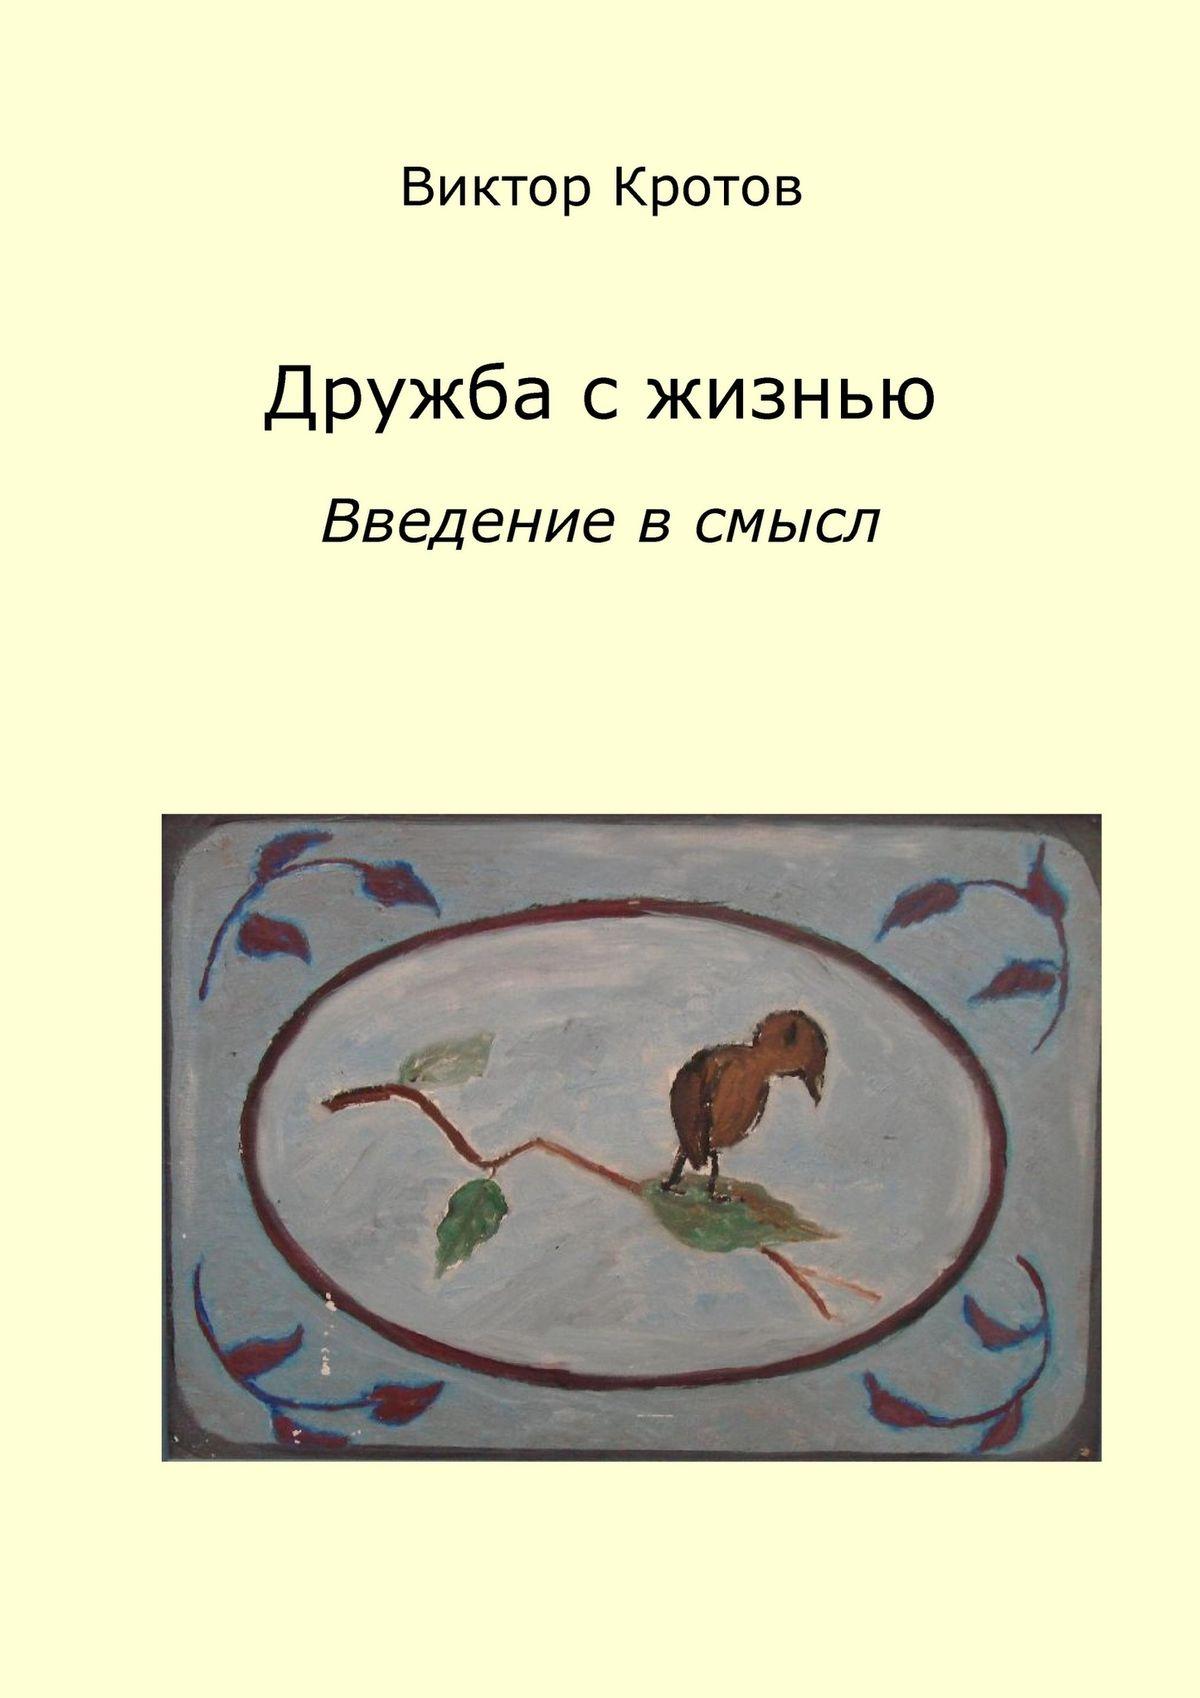 Виктор Гаврилович Кротов Дружба с жизнью: введение в смысл. Ознакомительное введение о к ланге введение в геологию